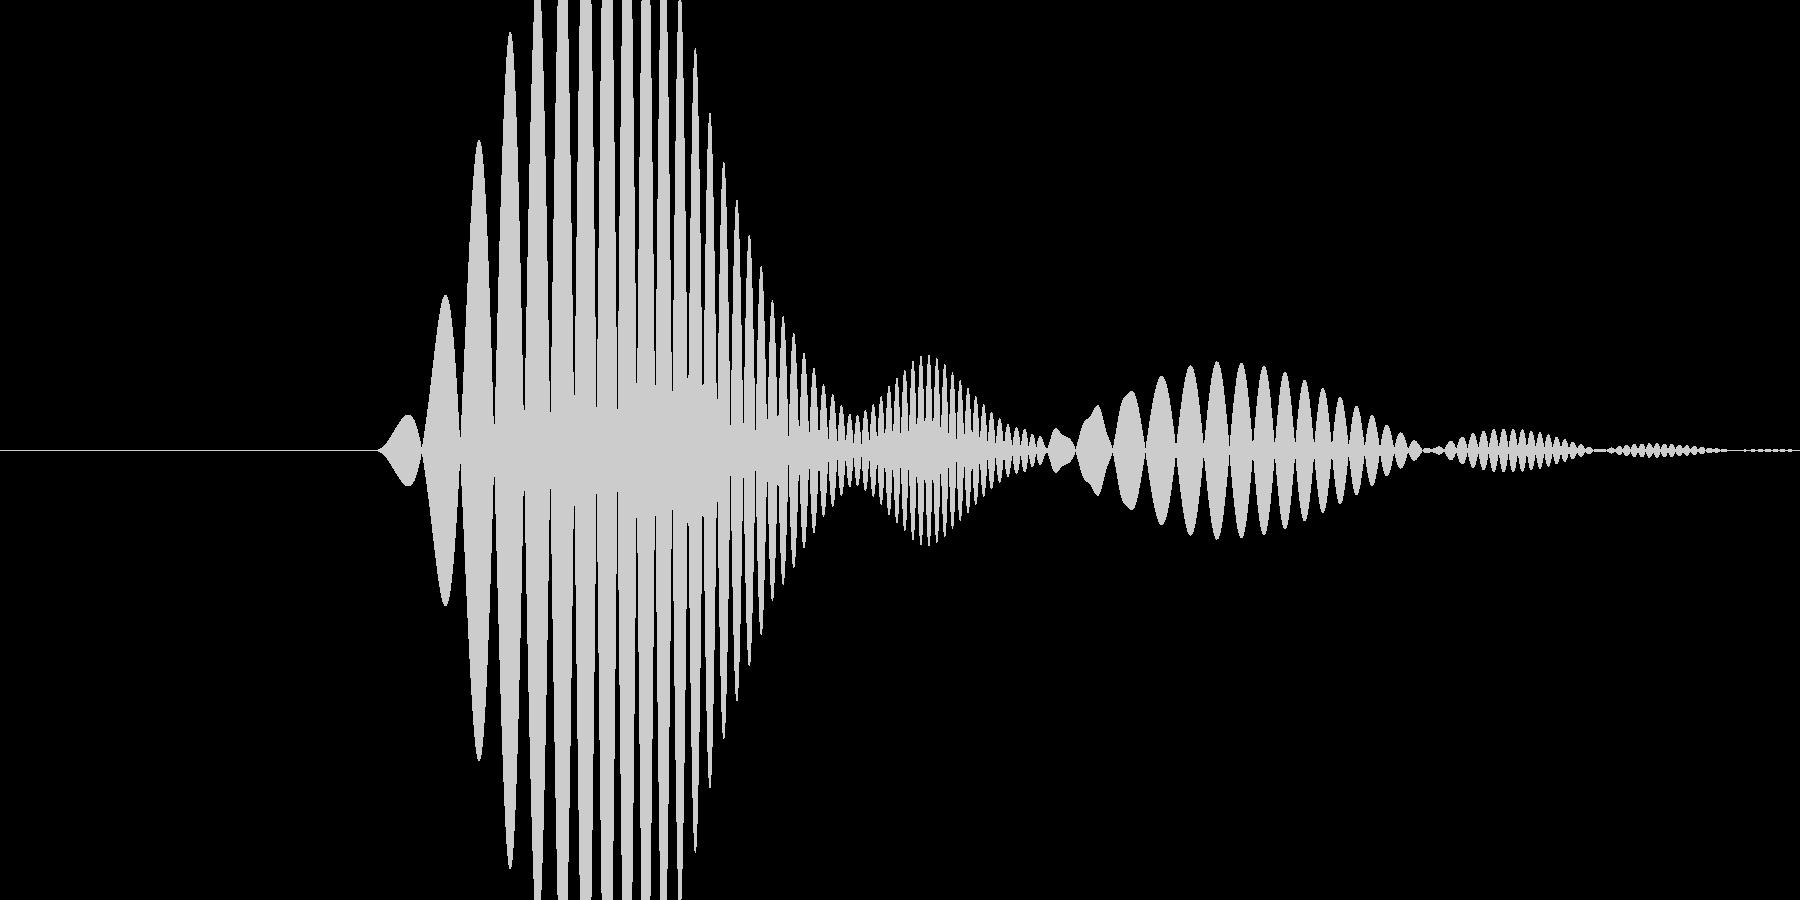 「ポワっ」というポップな効果音その2の未再生の波形